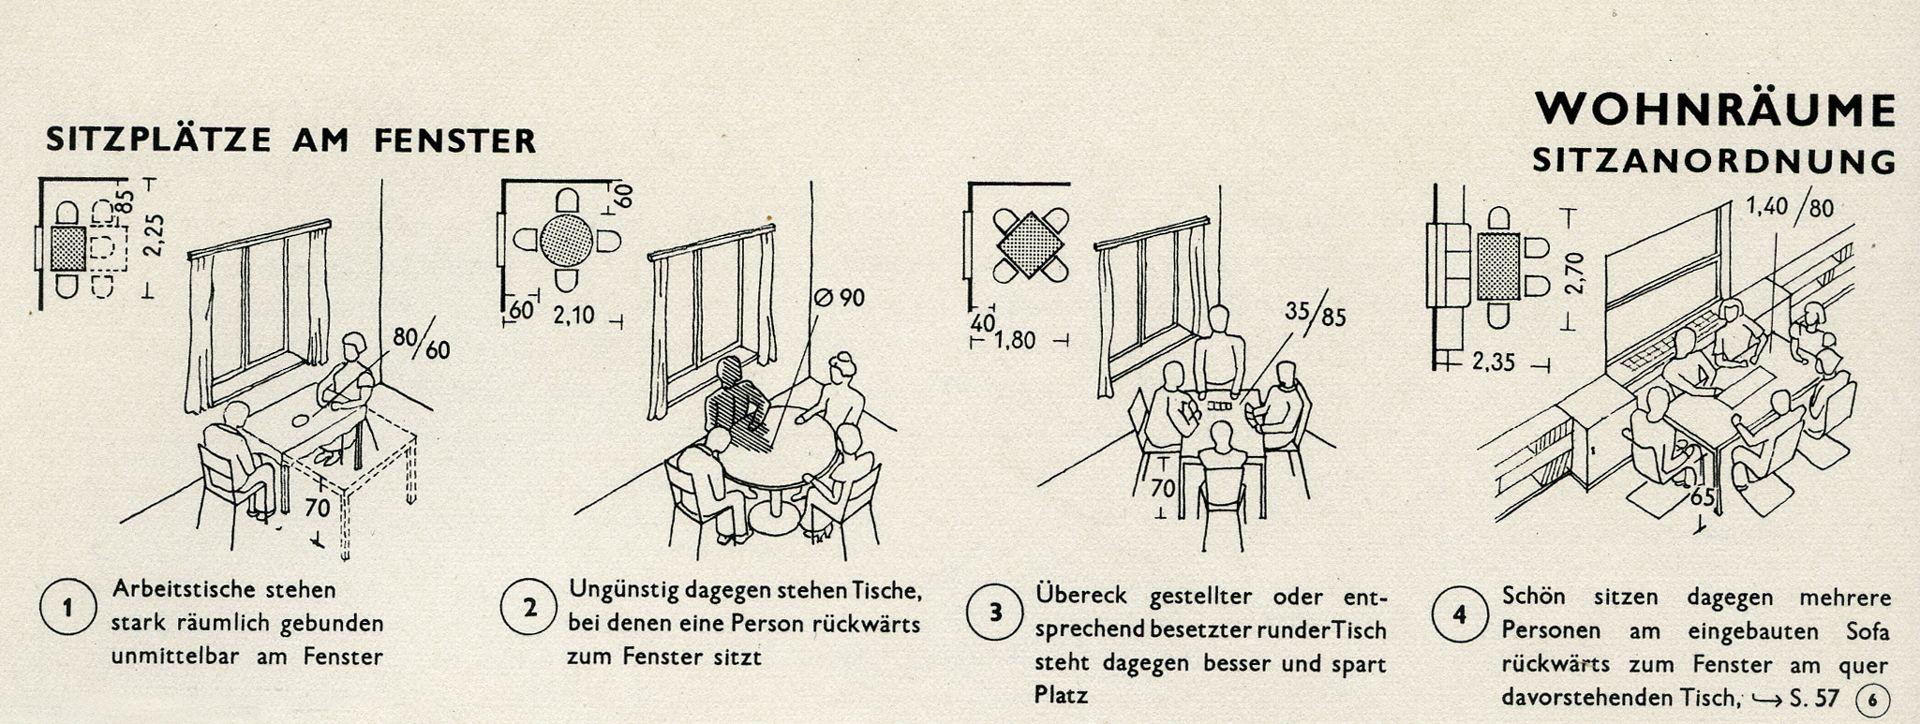 WOHNRÄUME / SITZORDNUNG Sitzplätze am Fenster